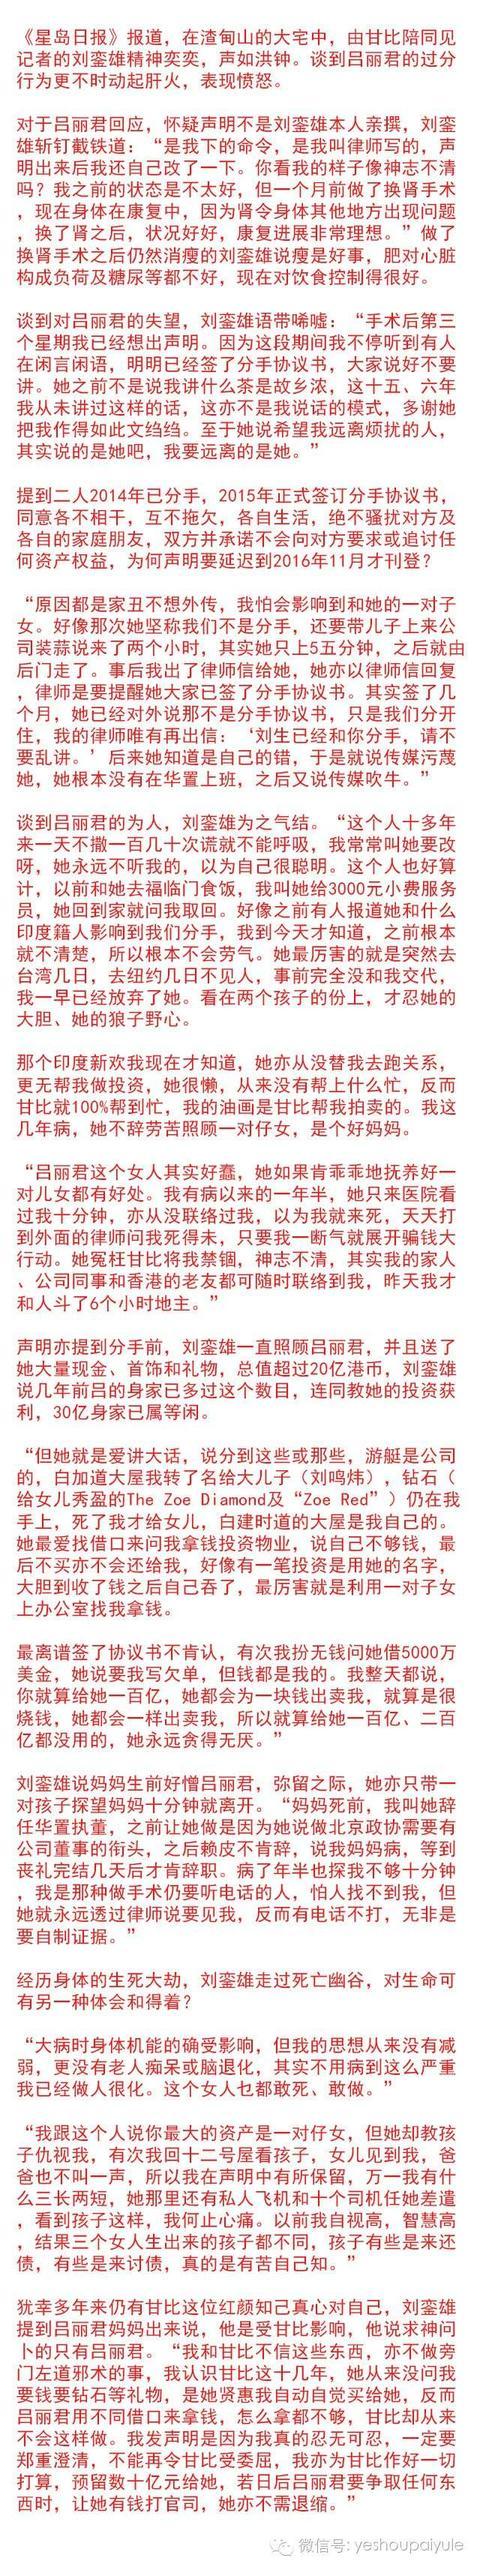 刘銮雄跟媒体大吐苦水,然而这真的是一报还一报